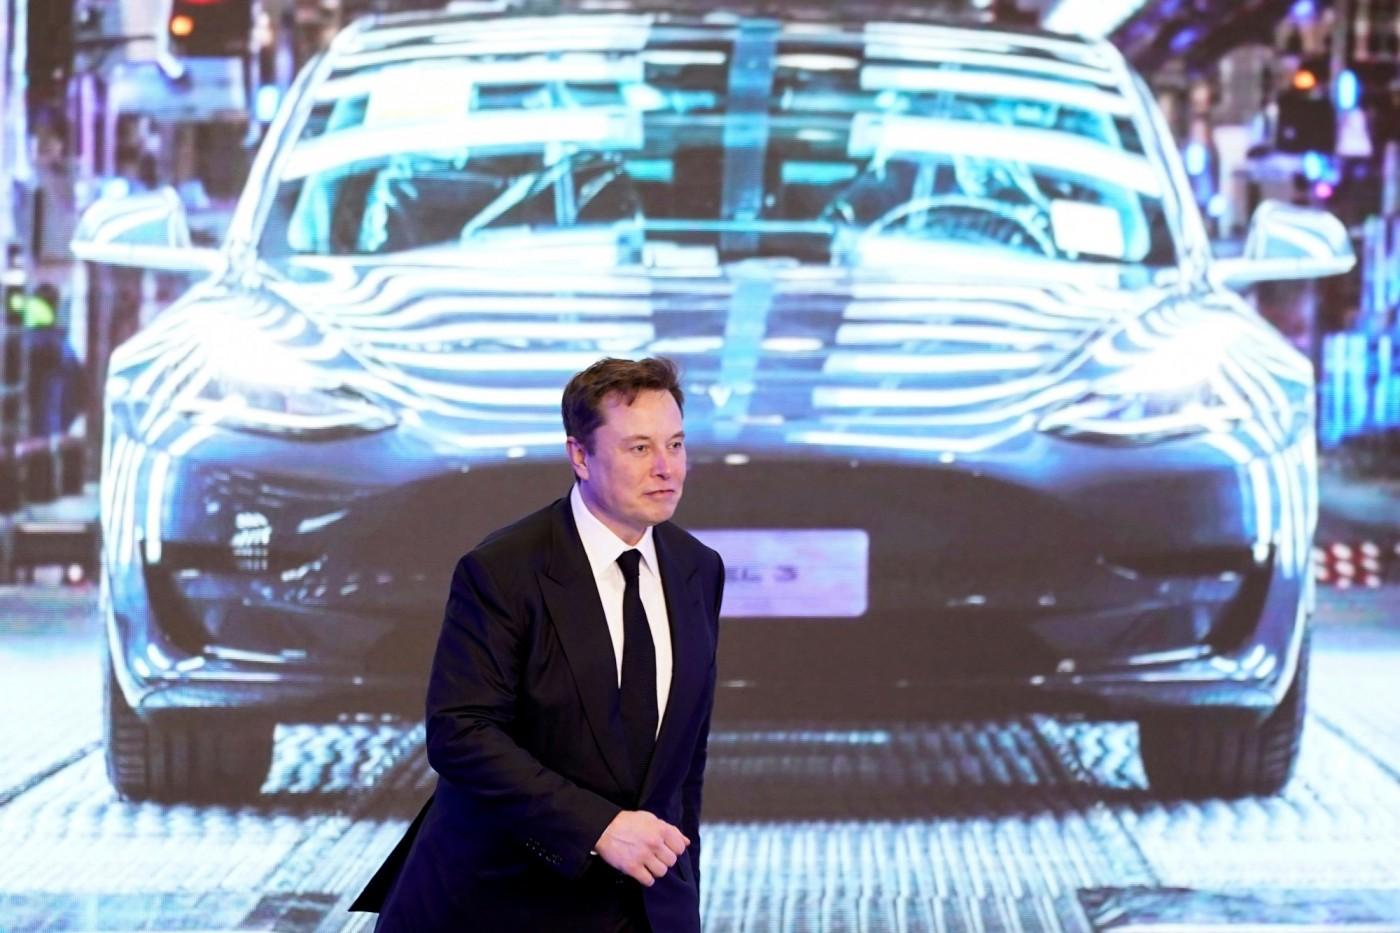 比去年賣車更賺!比特幣狂飆,特斯拉帳面獲利大賺逾9億美元